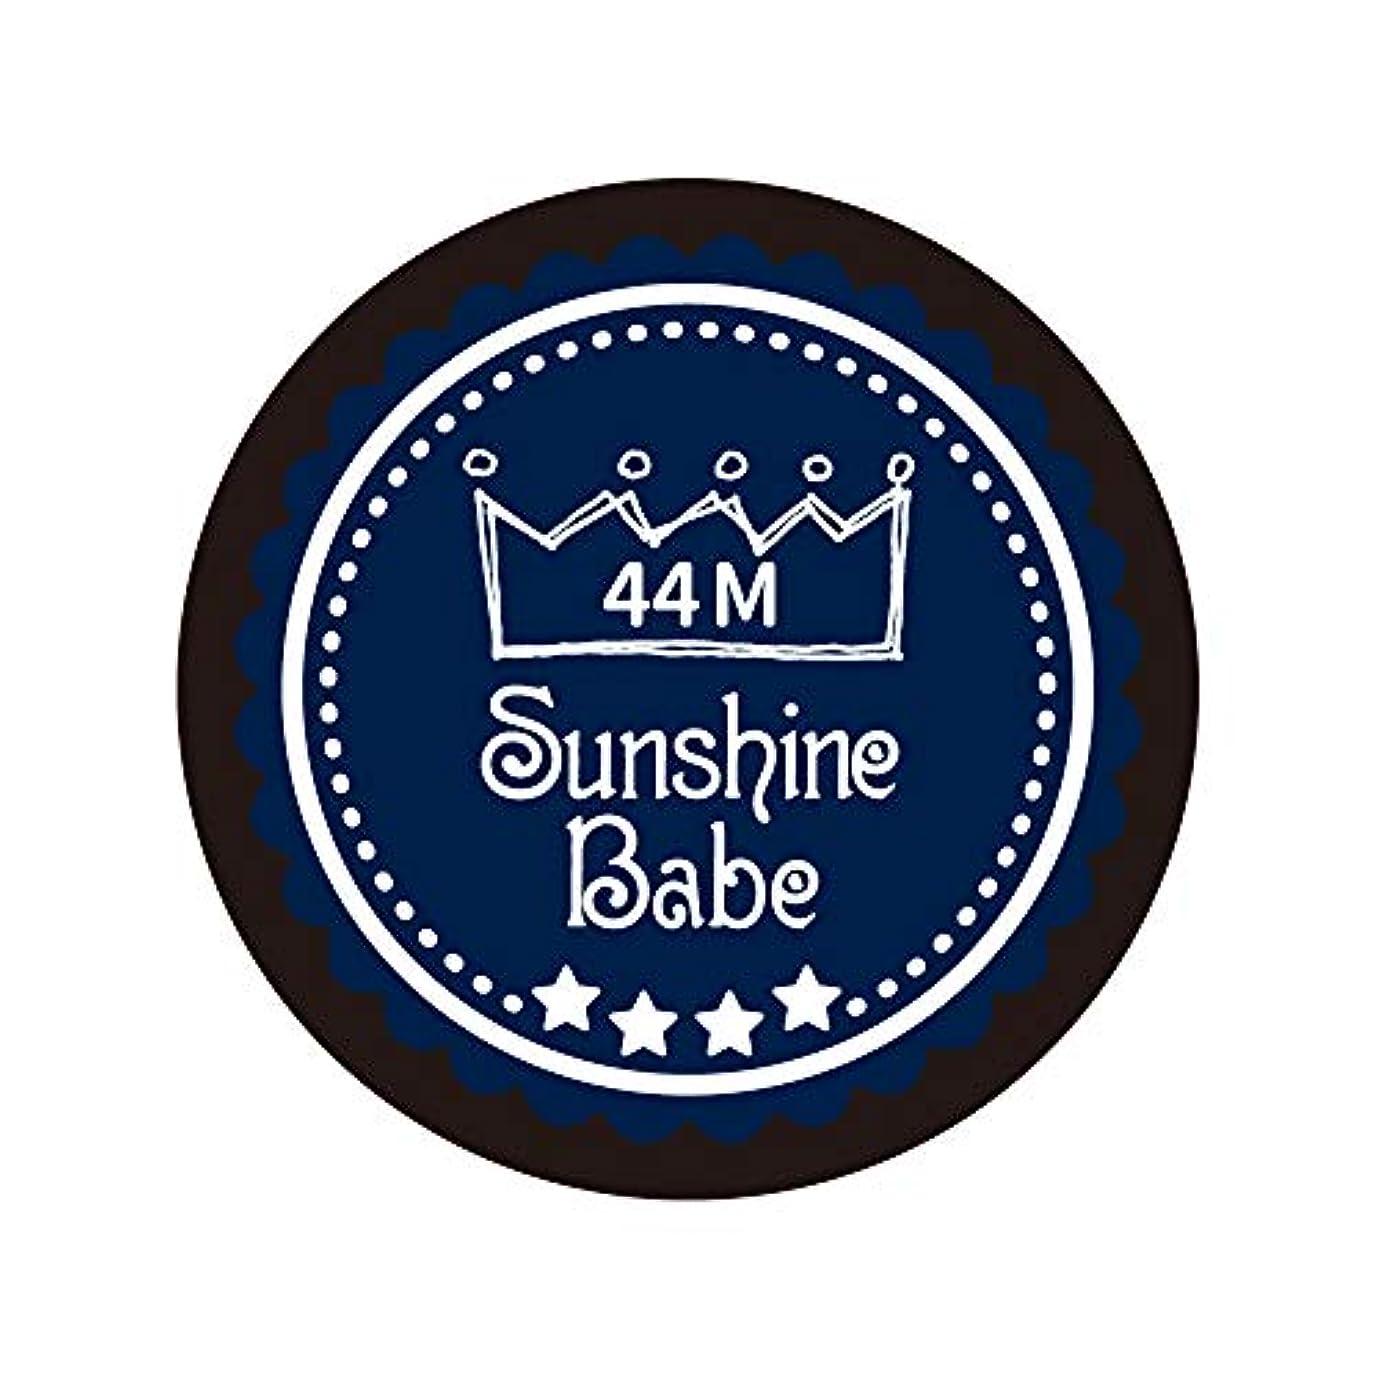 宇宙の膨らみ振りかけるSunshine Babe カラージェル 44M クラシックネイビー 4g UV/LED対応